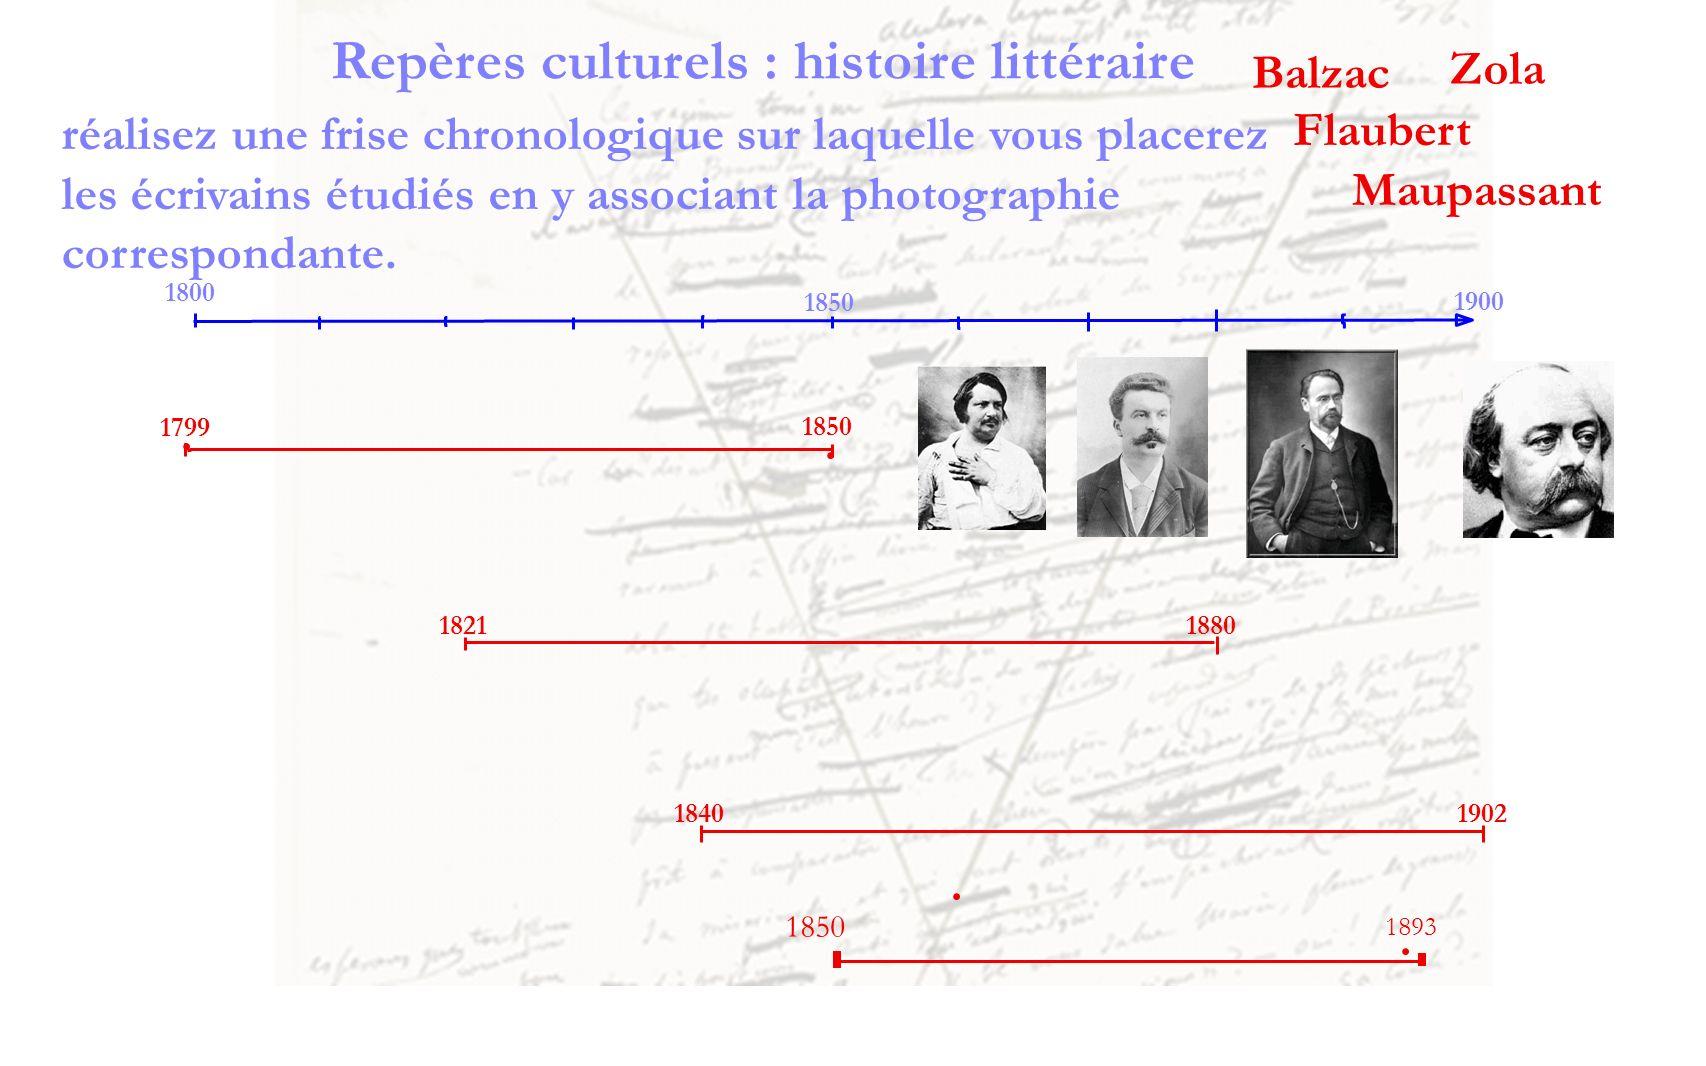 Repères culturels : histoire littéraire